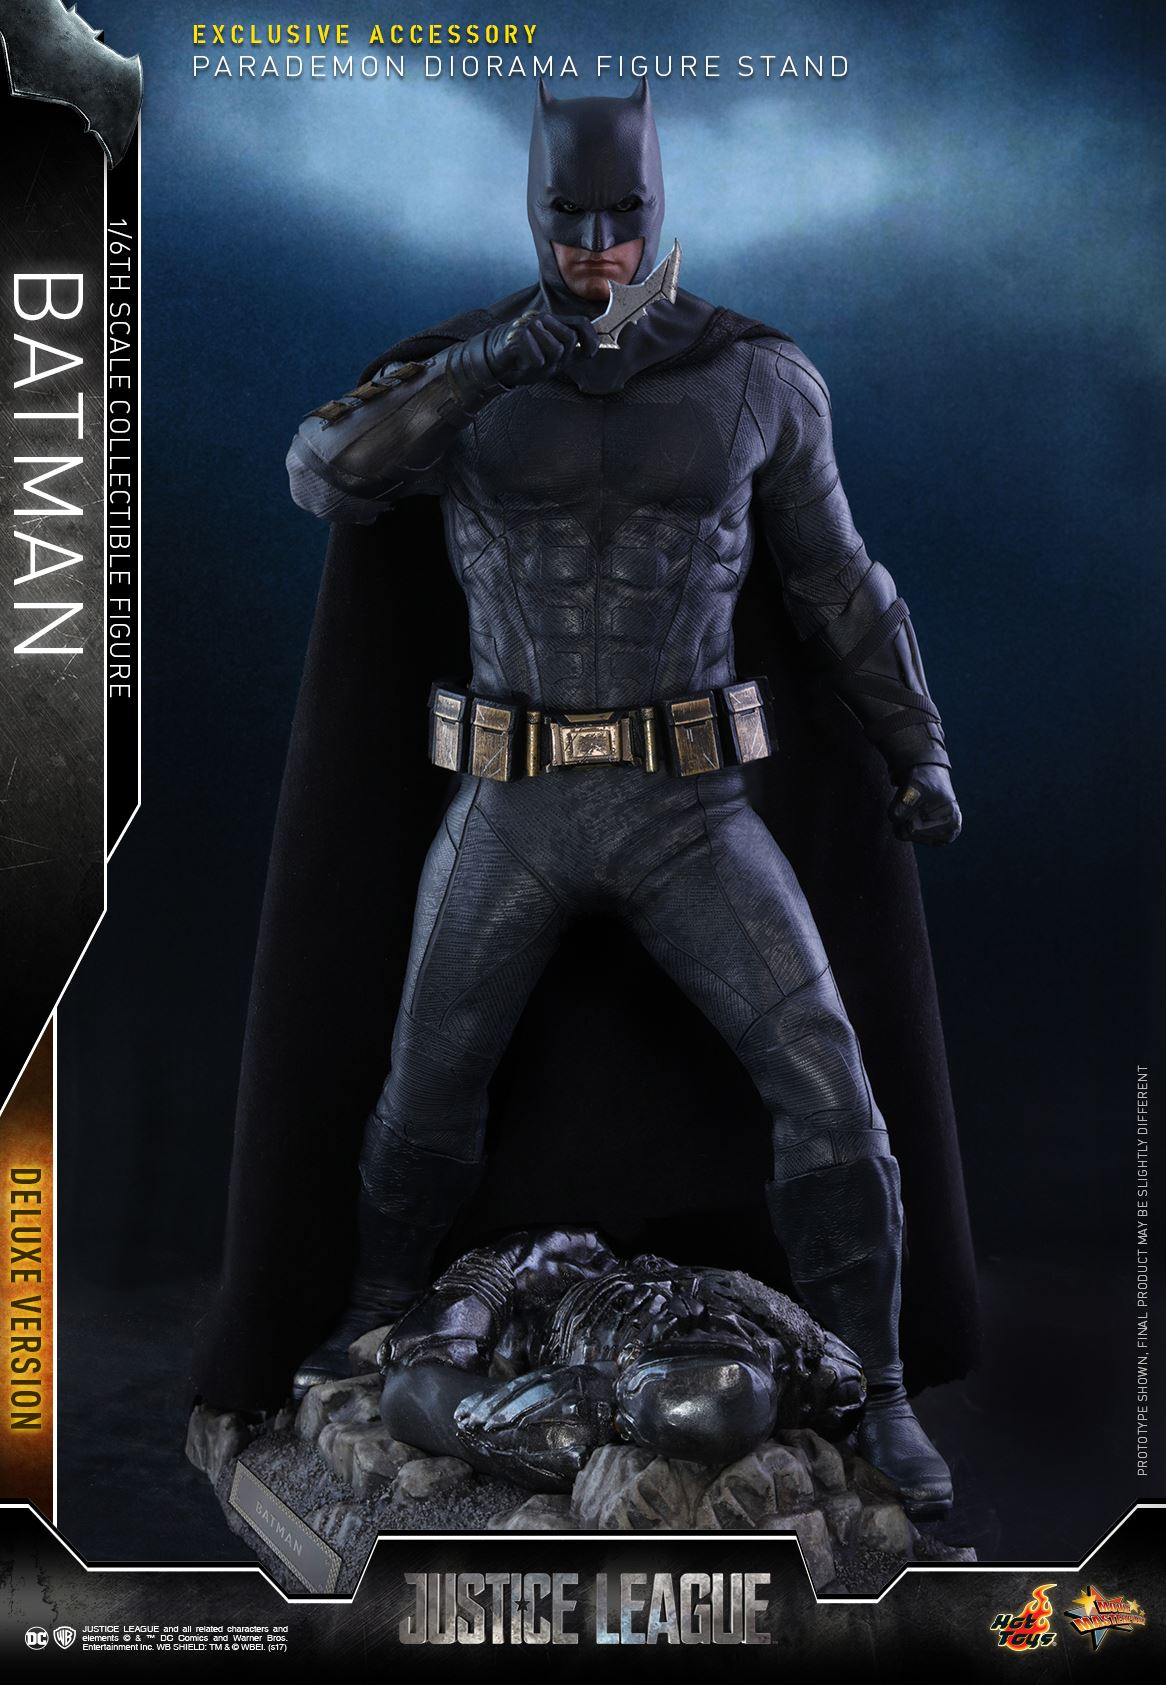 Hot-Toys-Deluxe-Batman-Justice-League-001